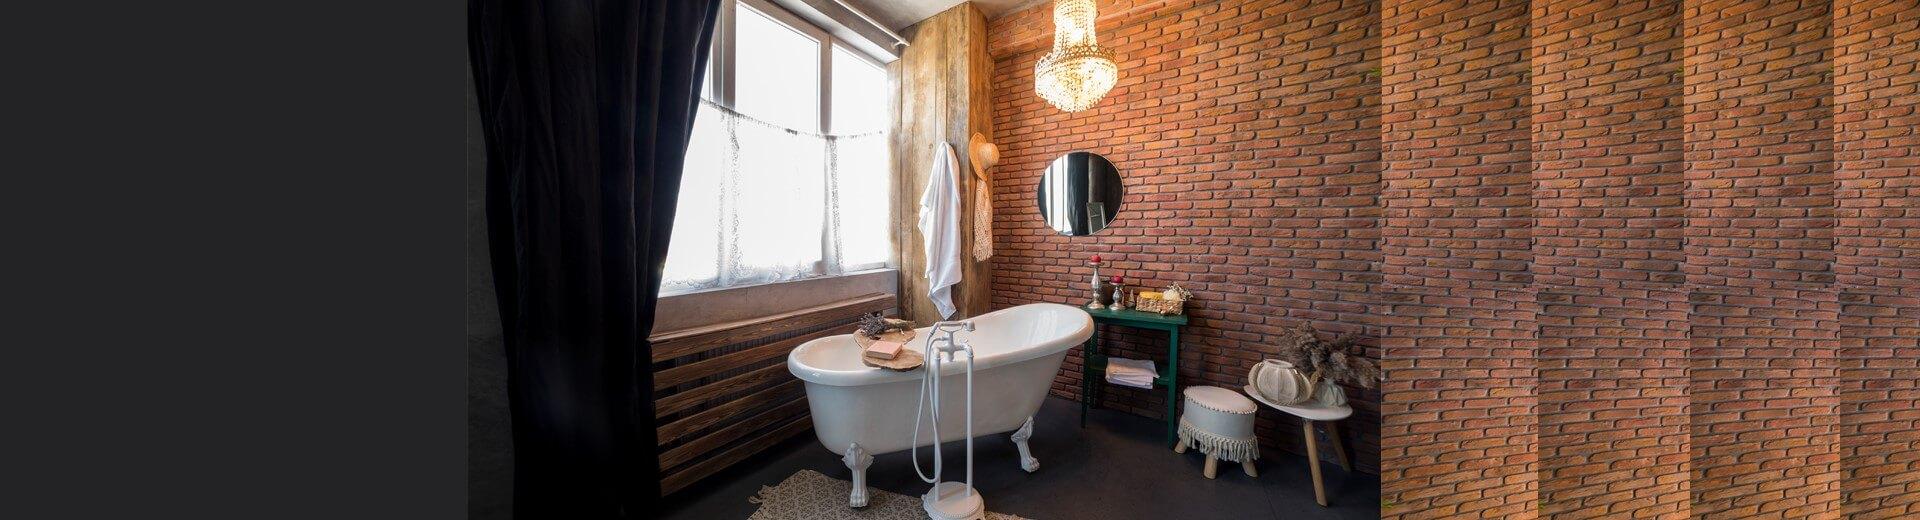 Banyo Tasarım & Uygulama